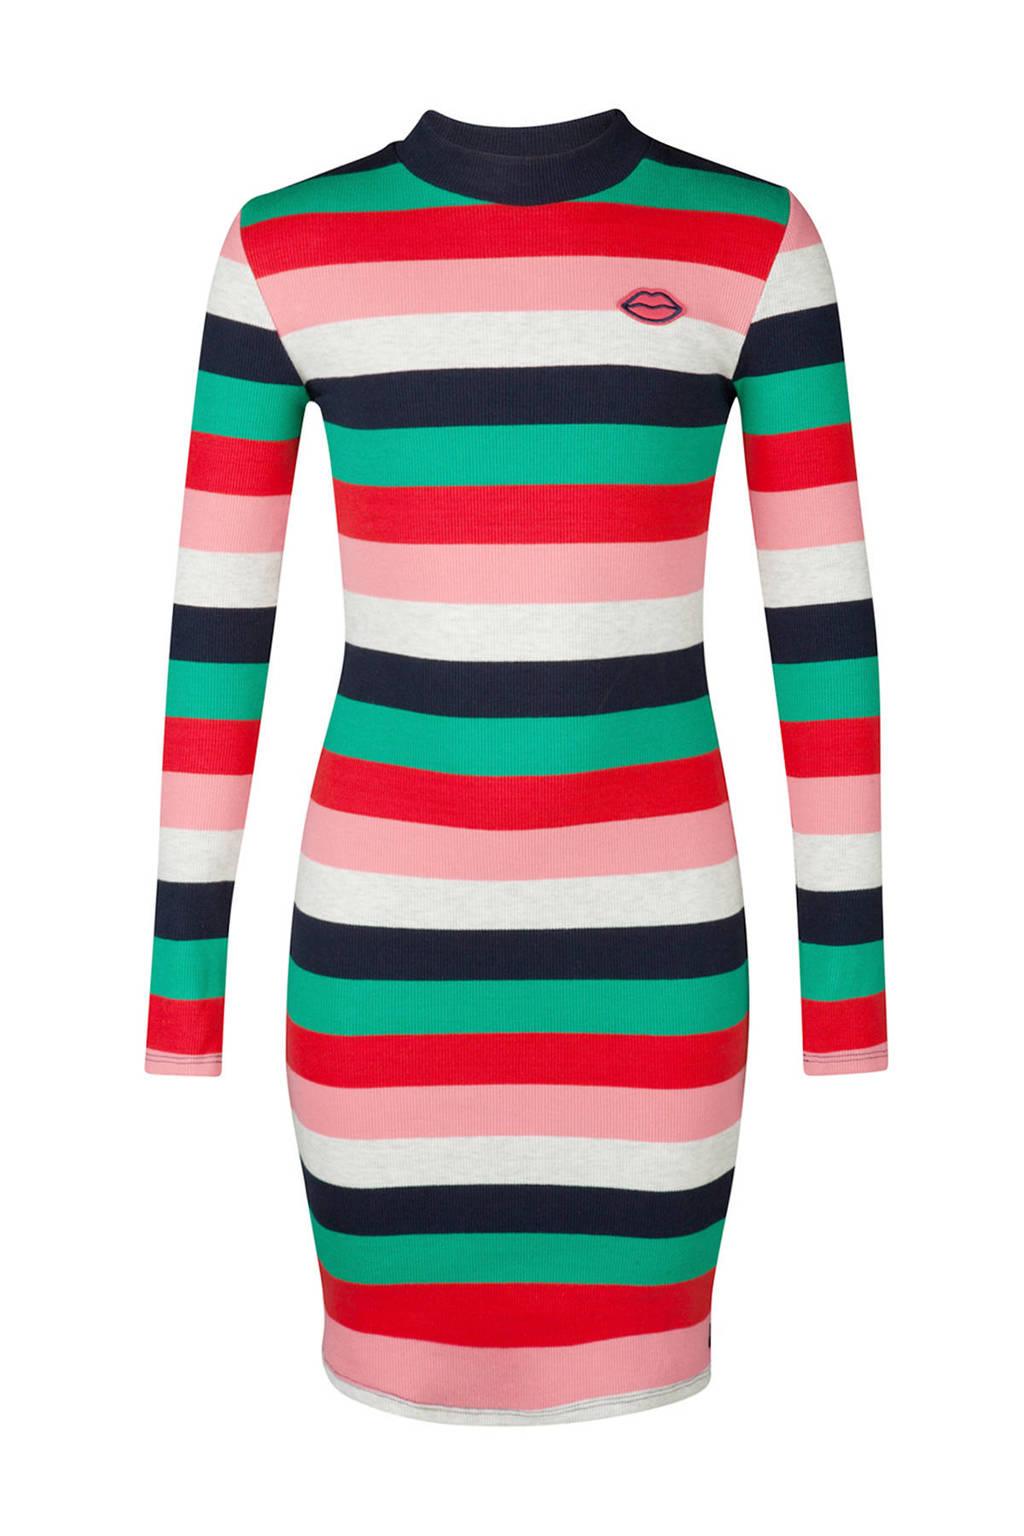 WE Fashion gestreepte jurk, Rood/mintgroen/roze